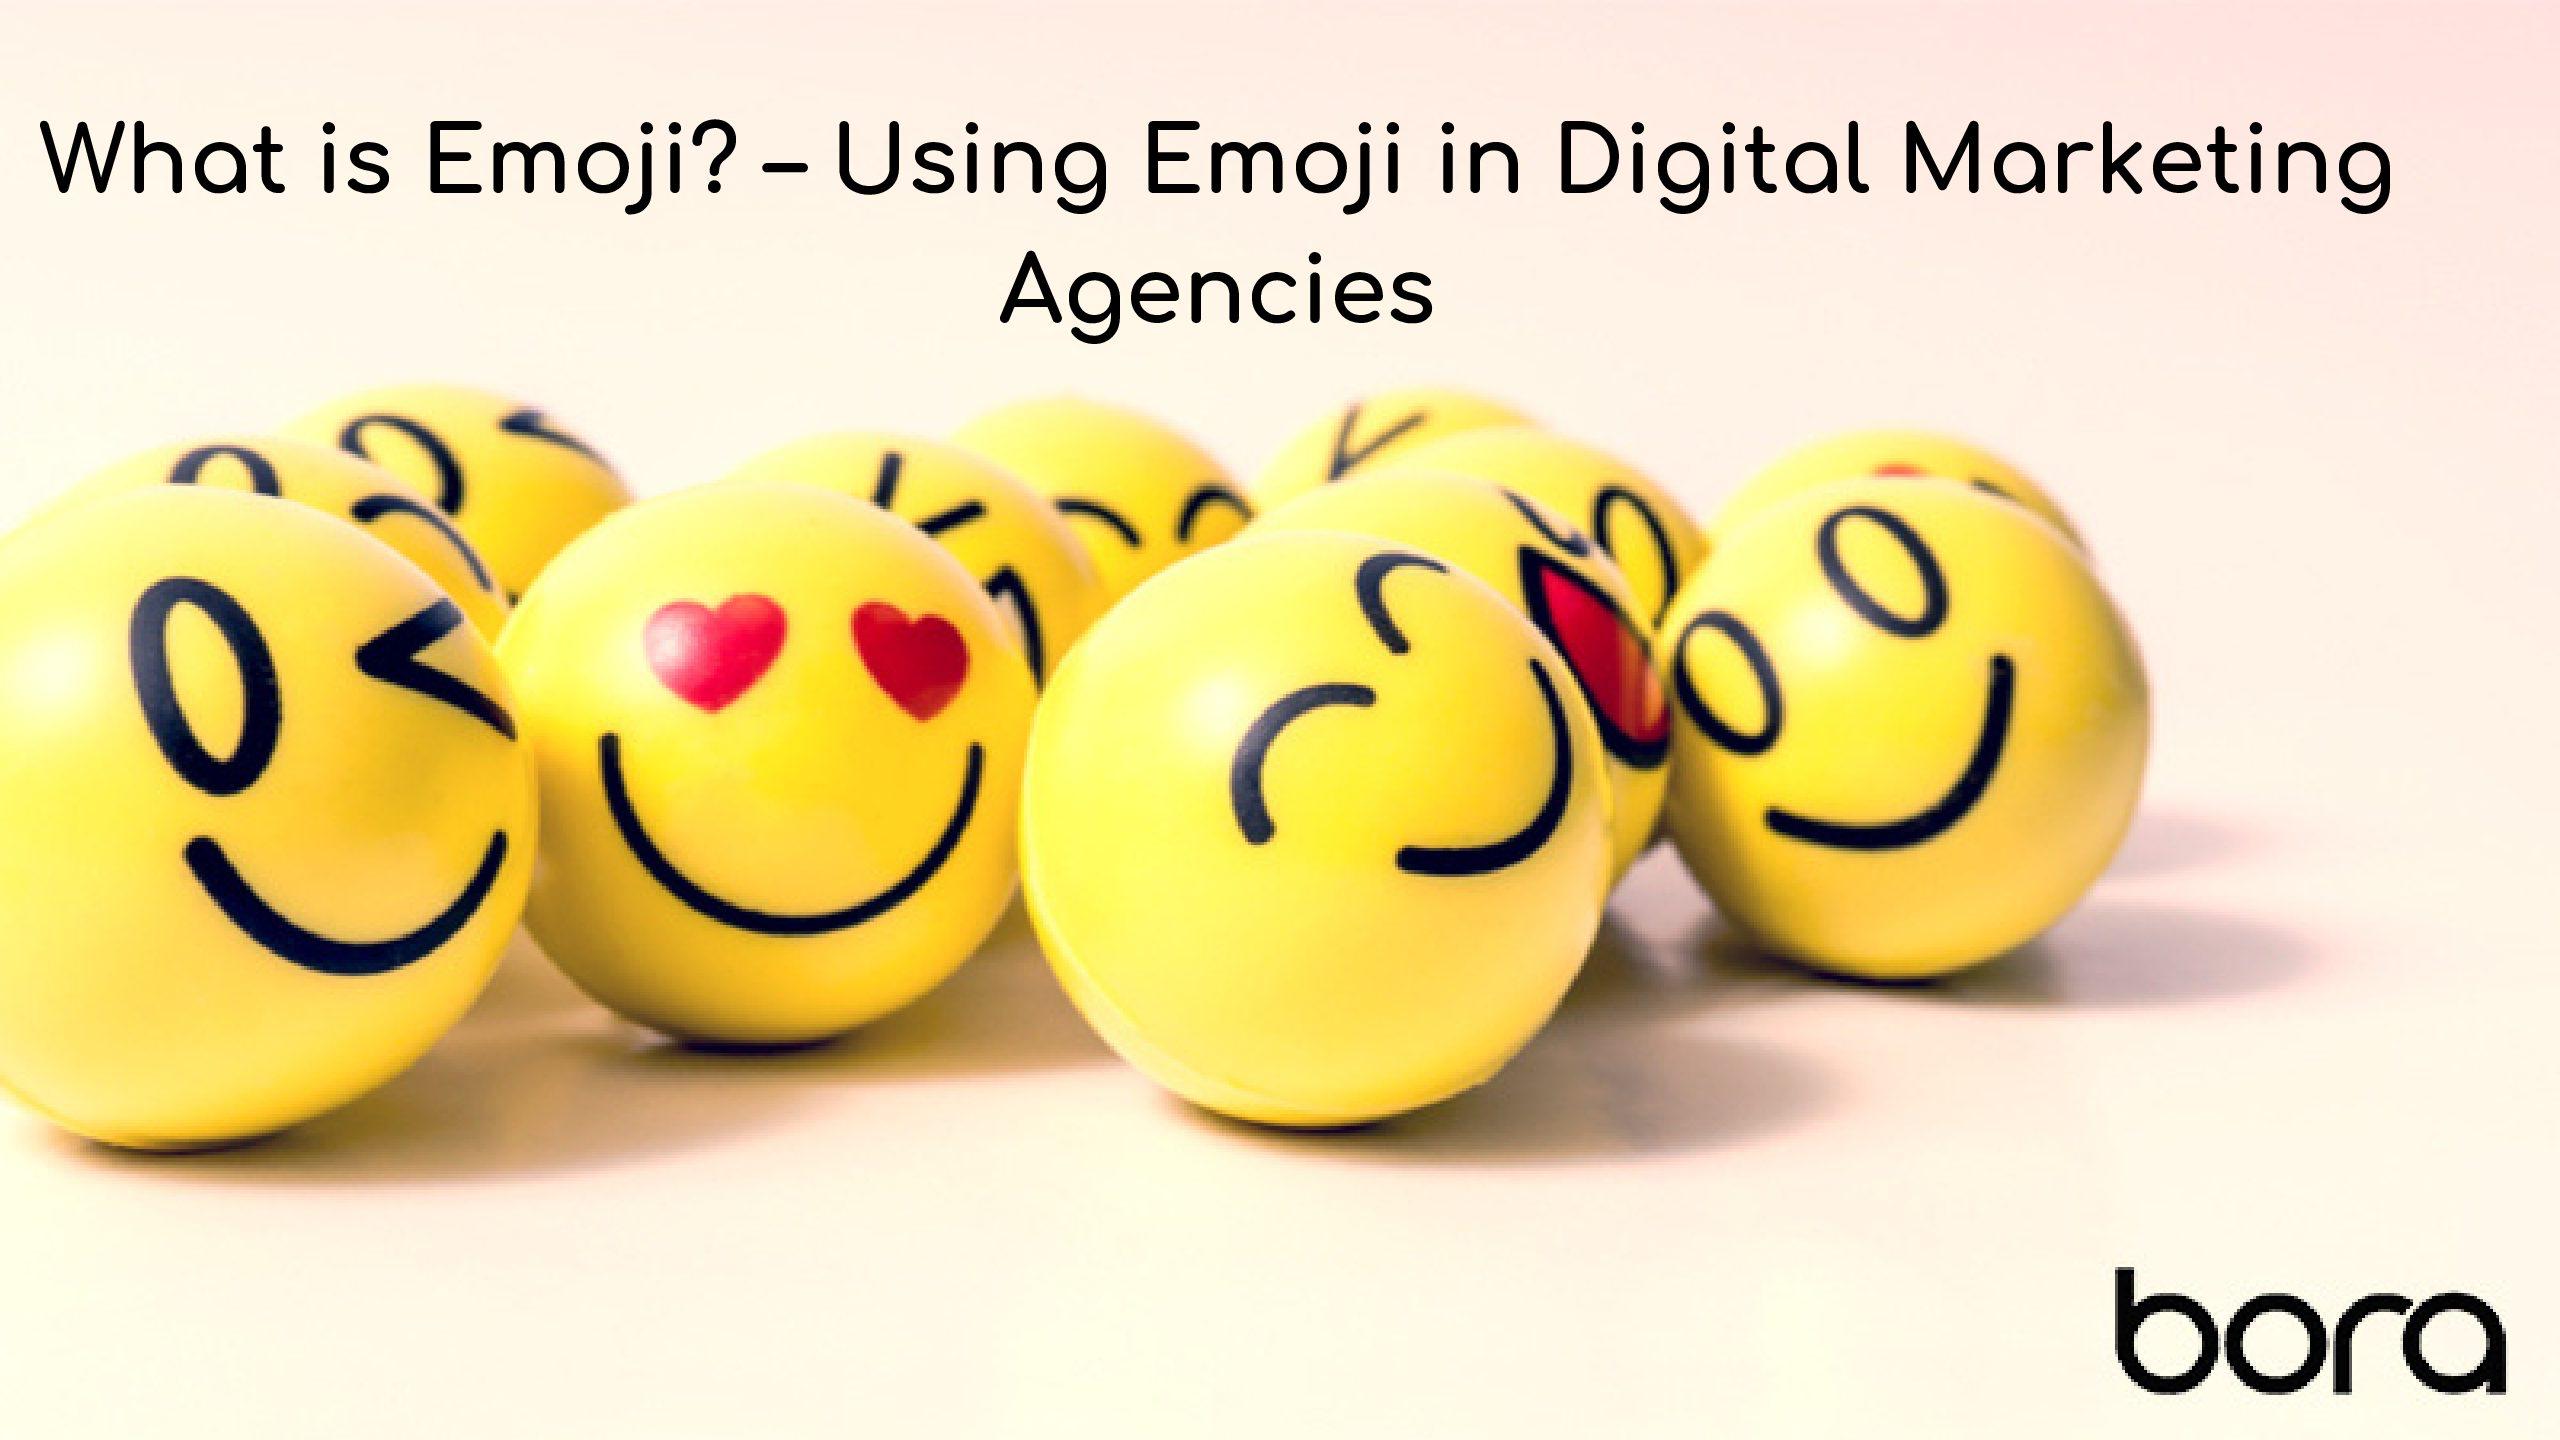 What is Emoji? – Using Emoji in Digital Marketing Agencies